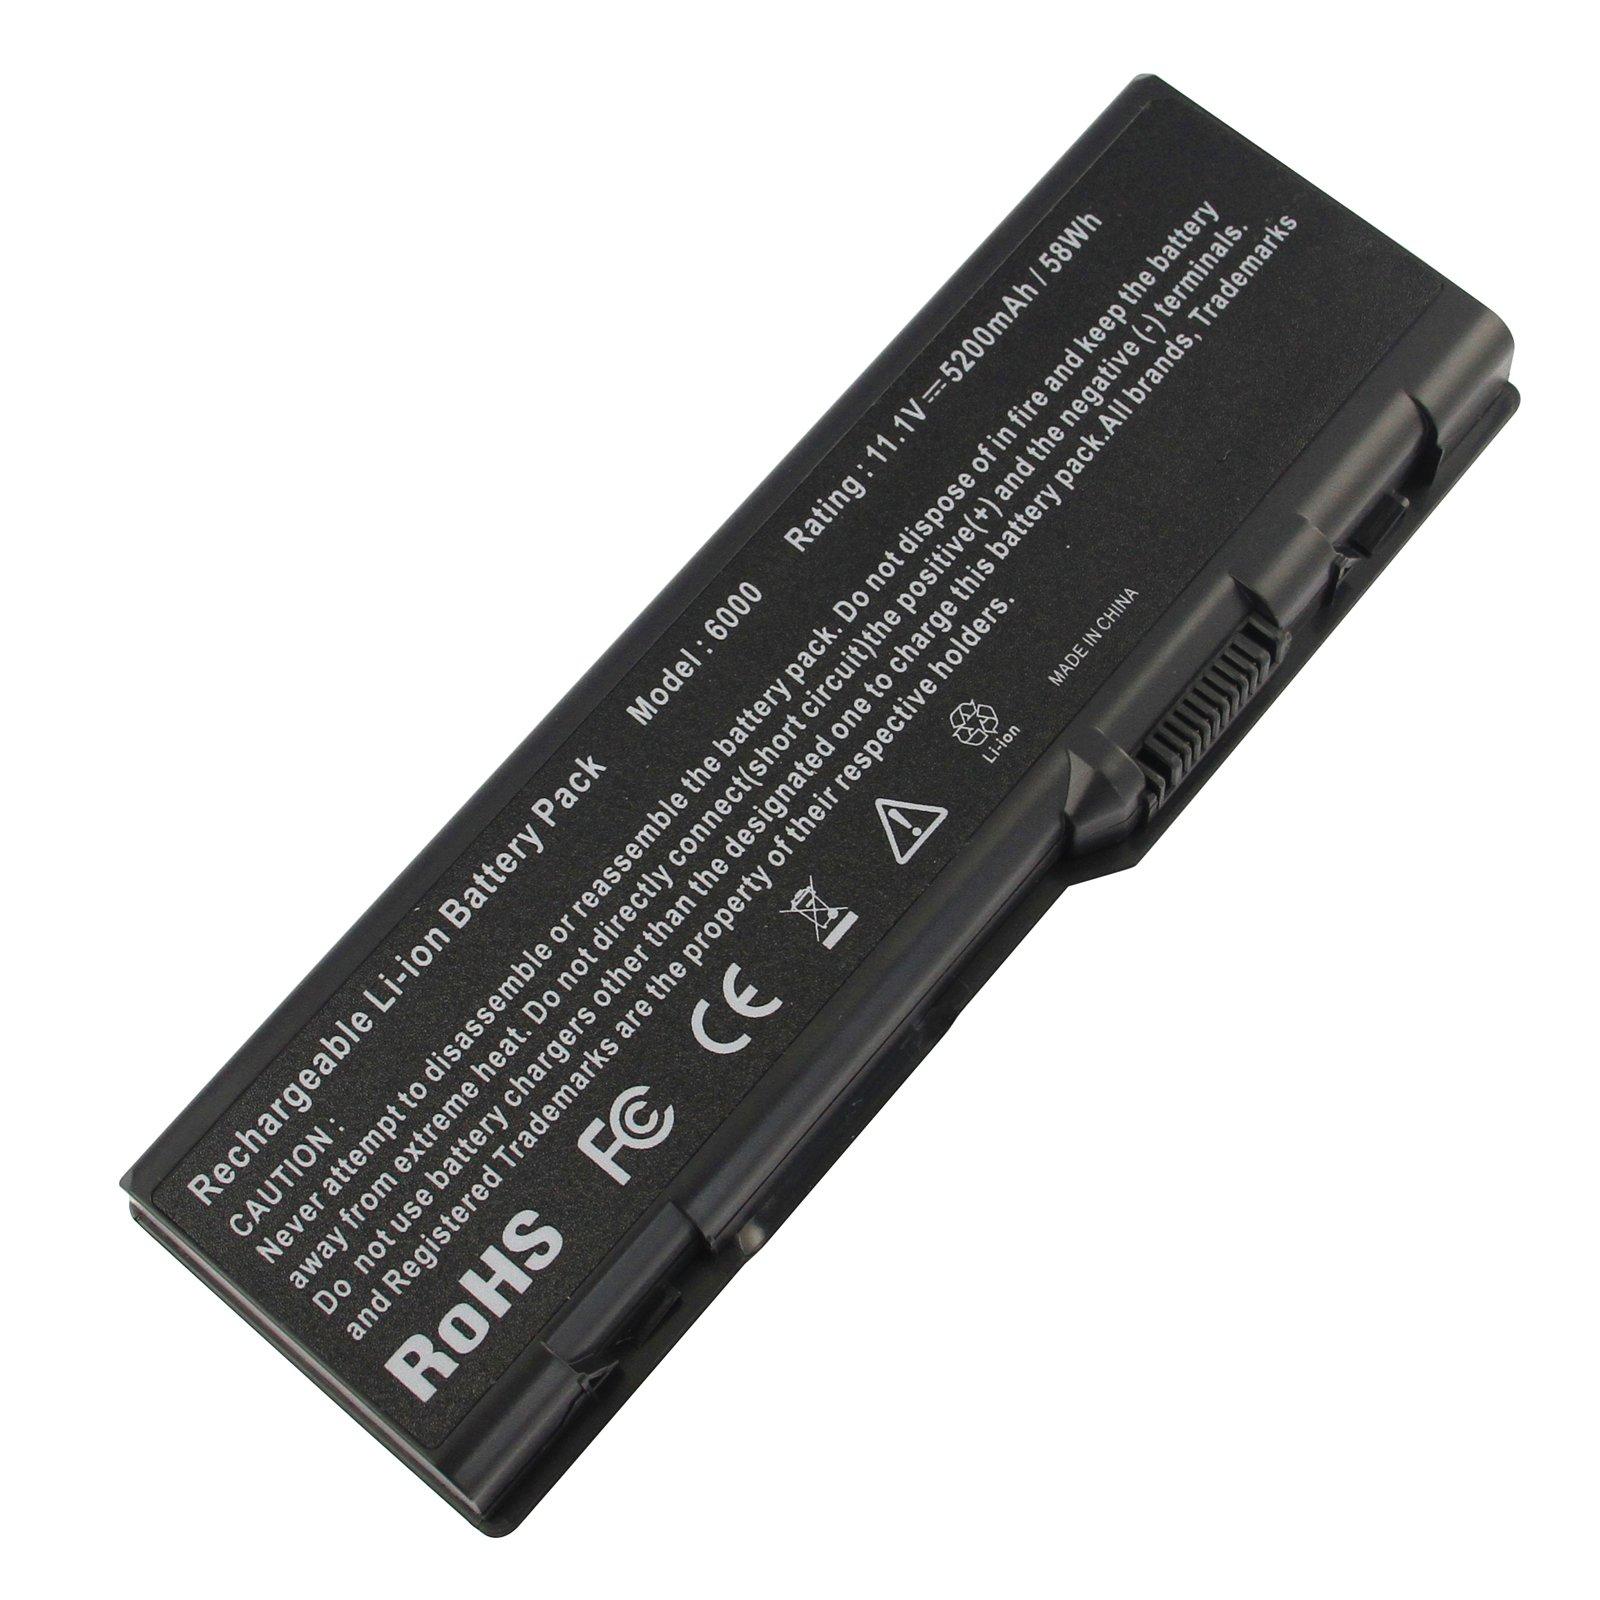 DELL PRECISION M90 NEC ND-6650A SLIM DVD+-RW DRIVERS WINDOWS XP